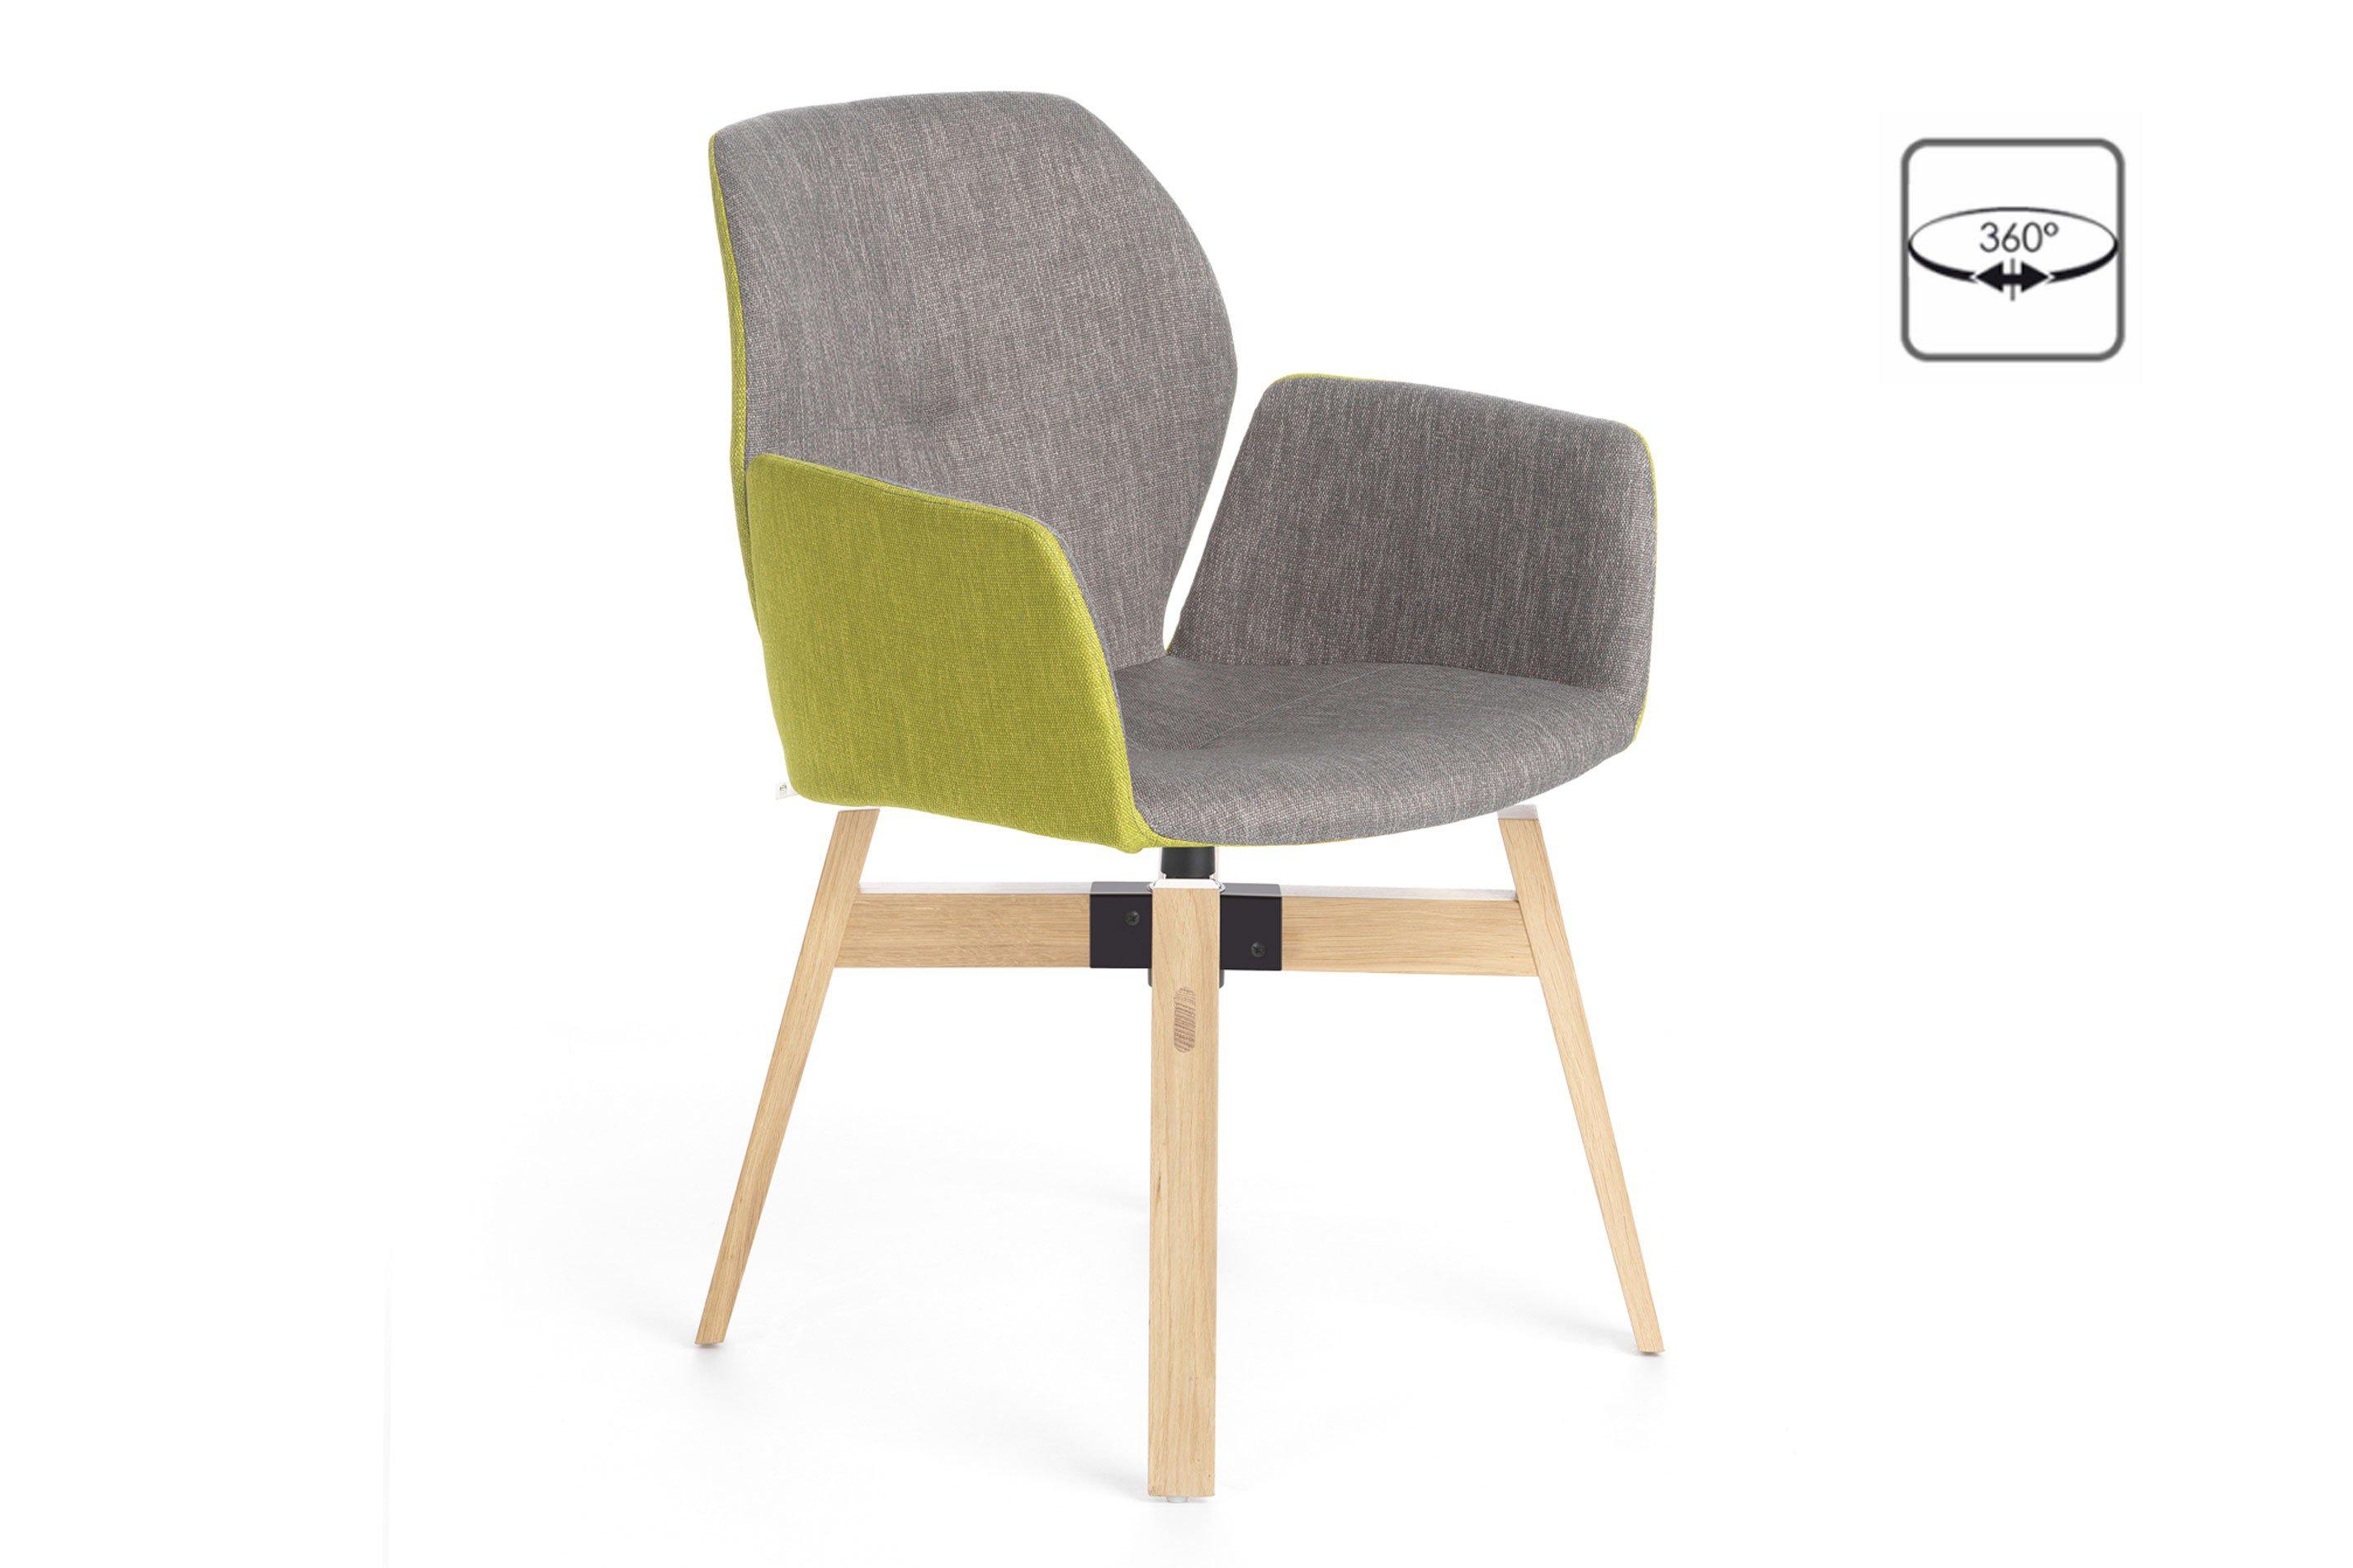 mobitec stuhl mood 95 bi grey lime eiche 360 drehbar m bel letz ihr online shop. Black Bedroom Furniture Sets. Home Design Ideas